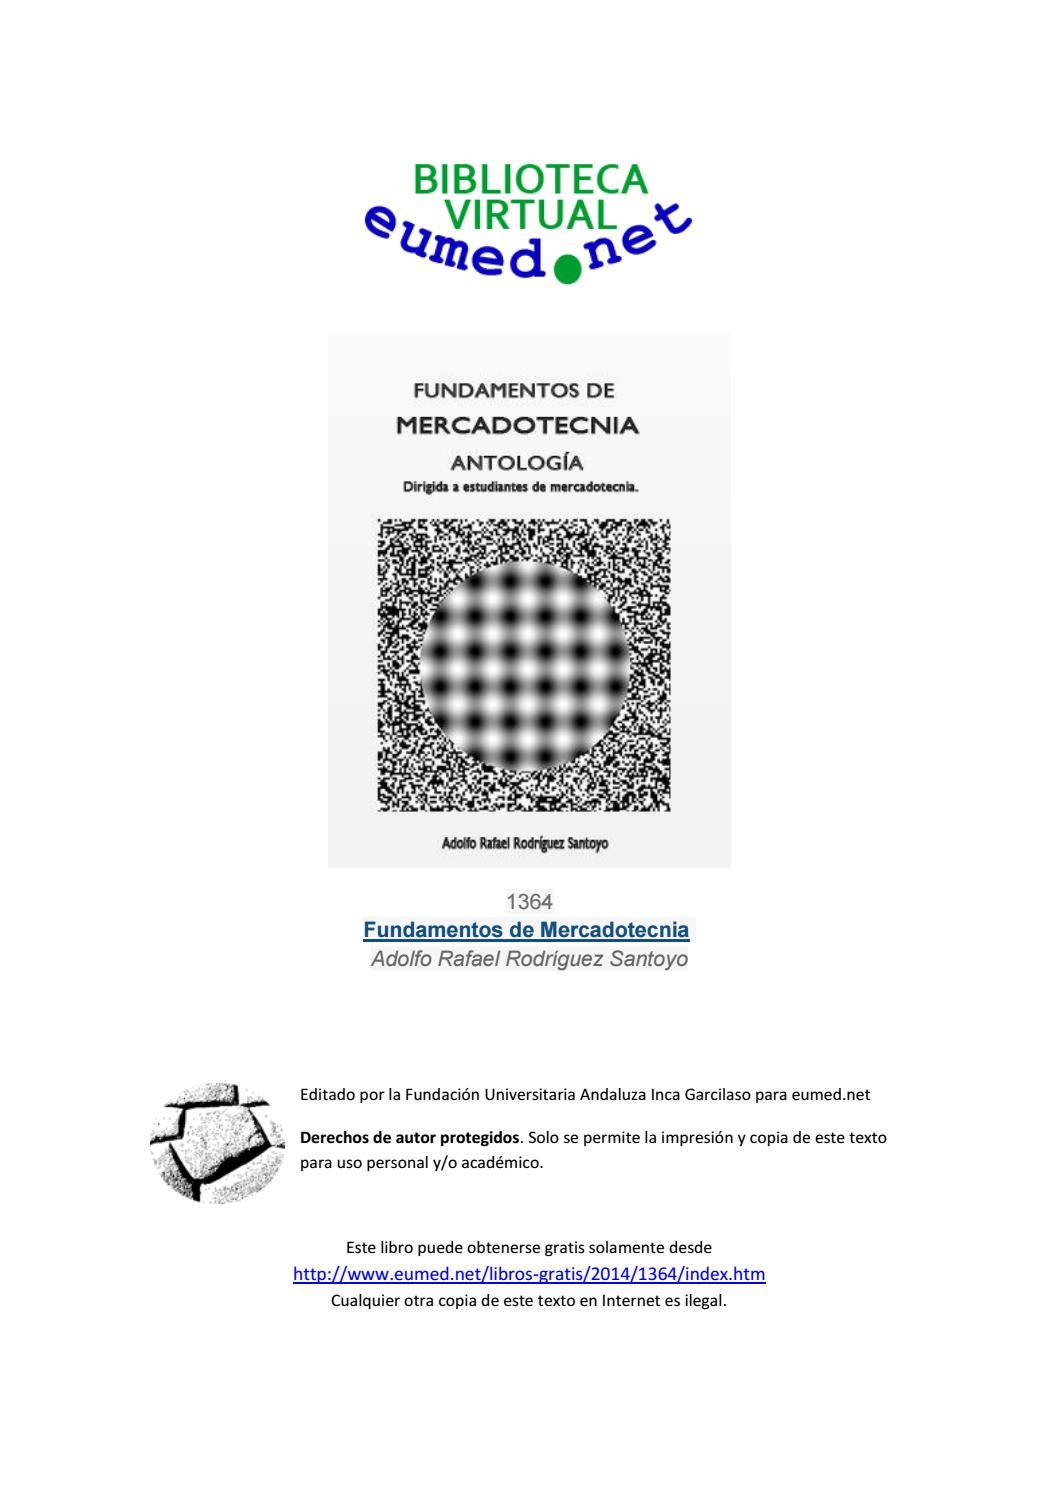 Libro introduccion al marketing by Victor Hugo Ojeda Montero - issuu